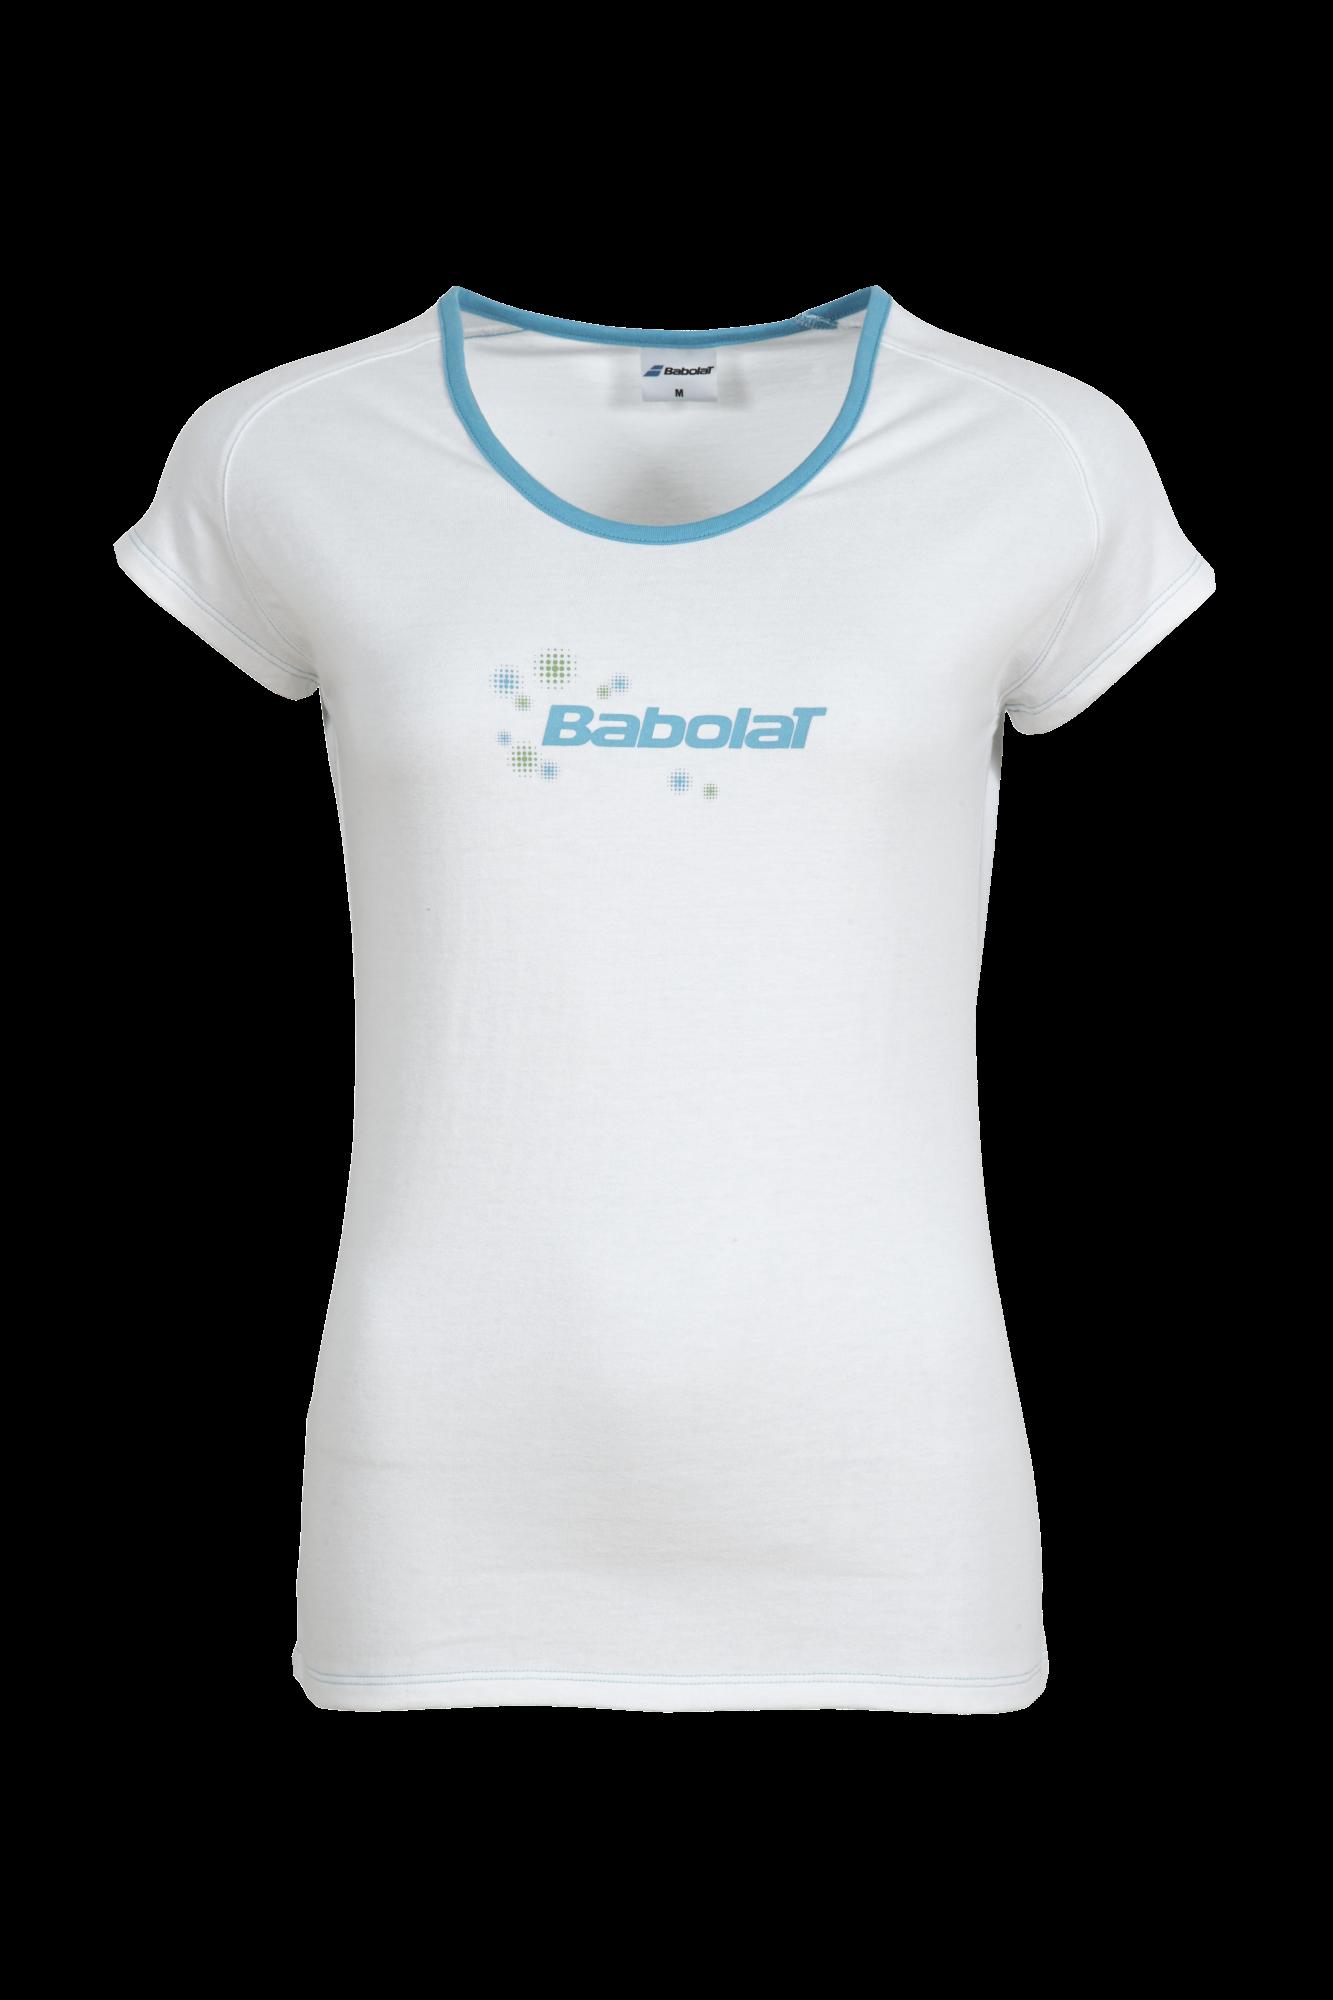 Babolat T-Shirt Girl Training Basic White 2015 140